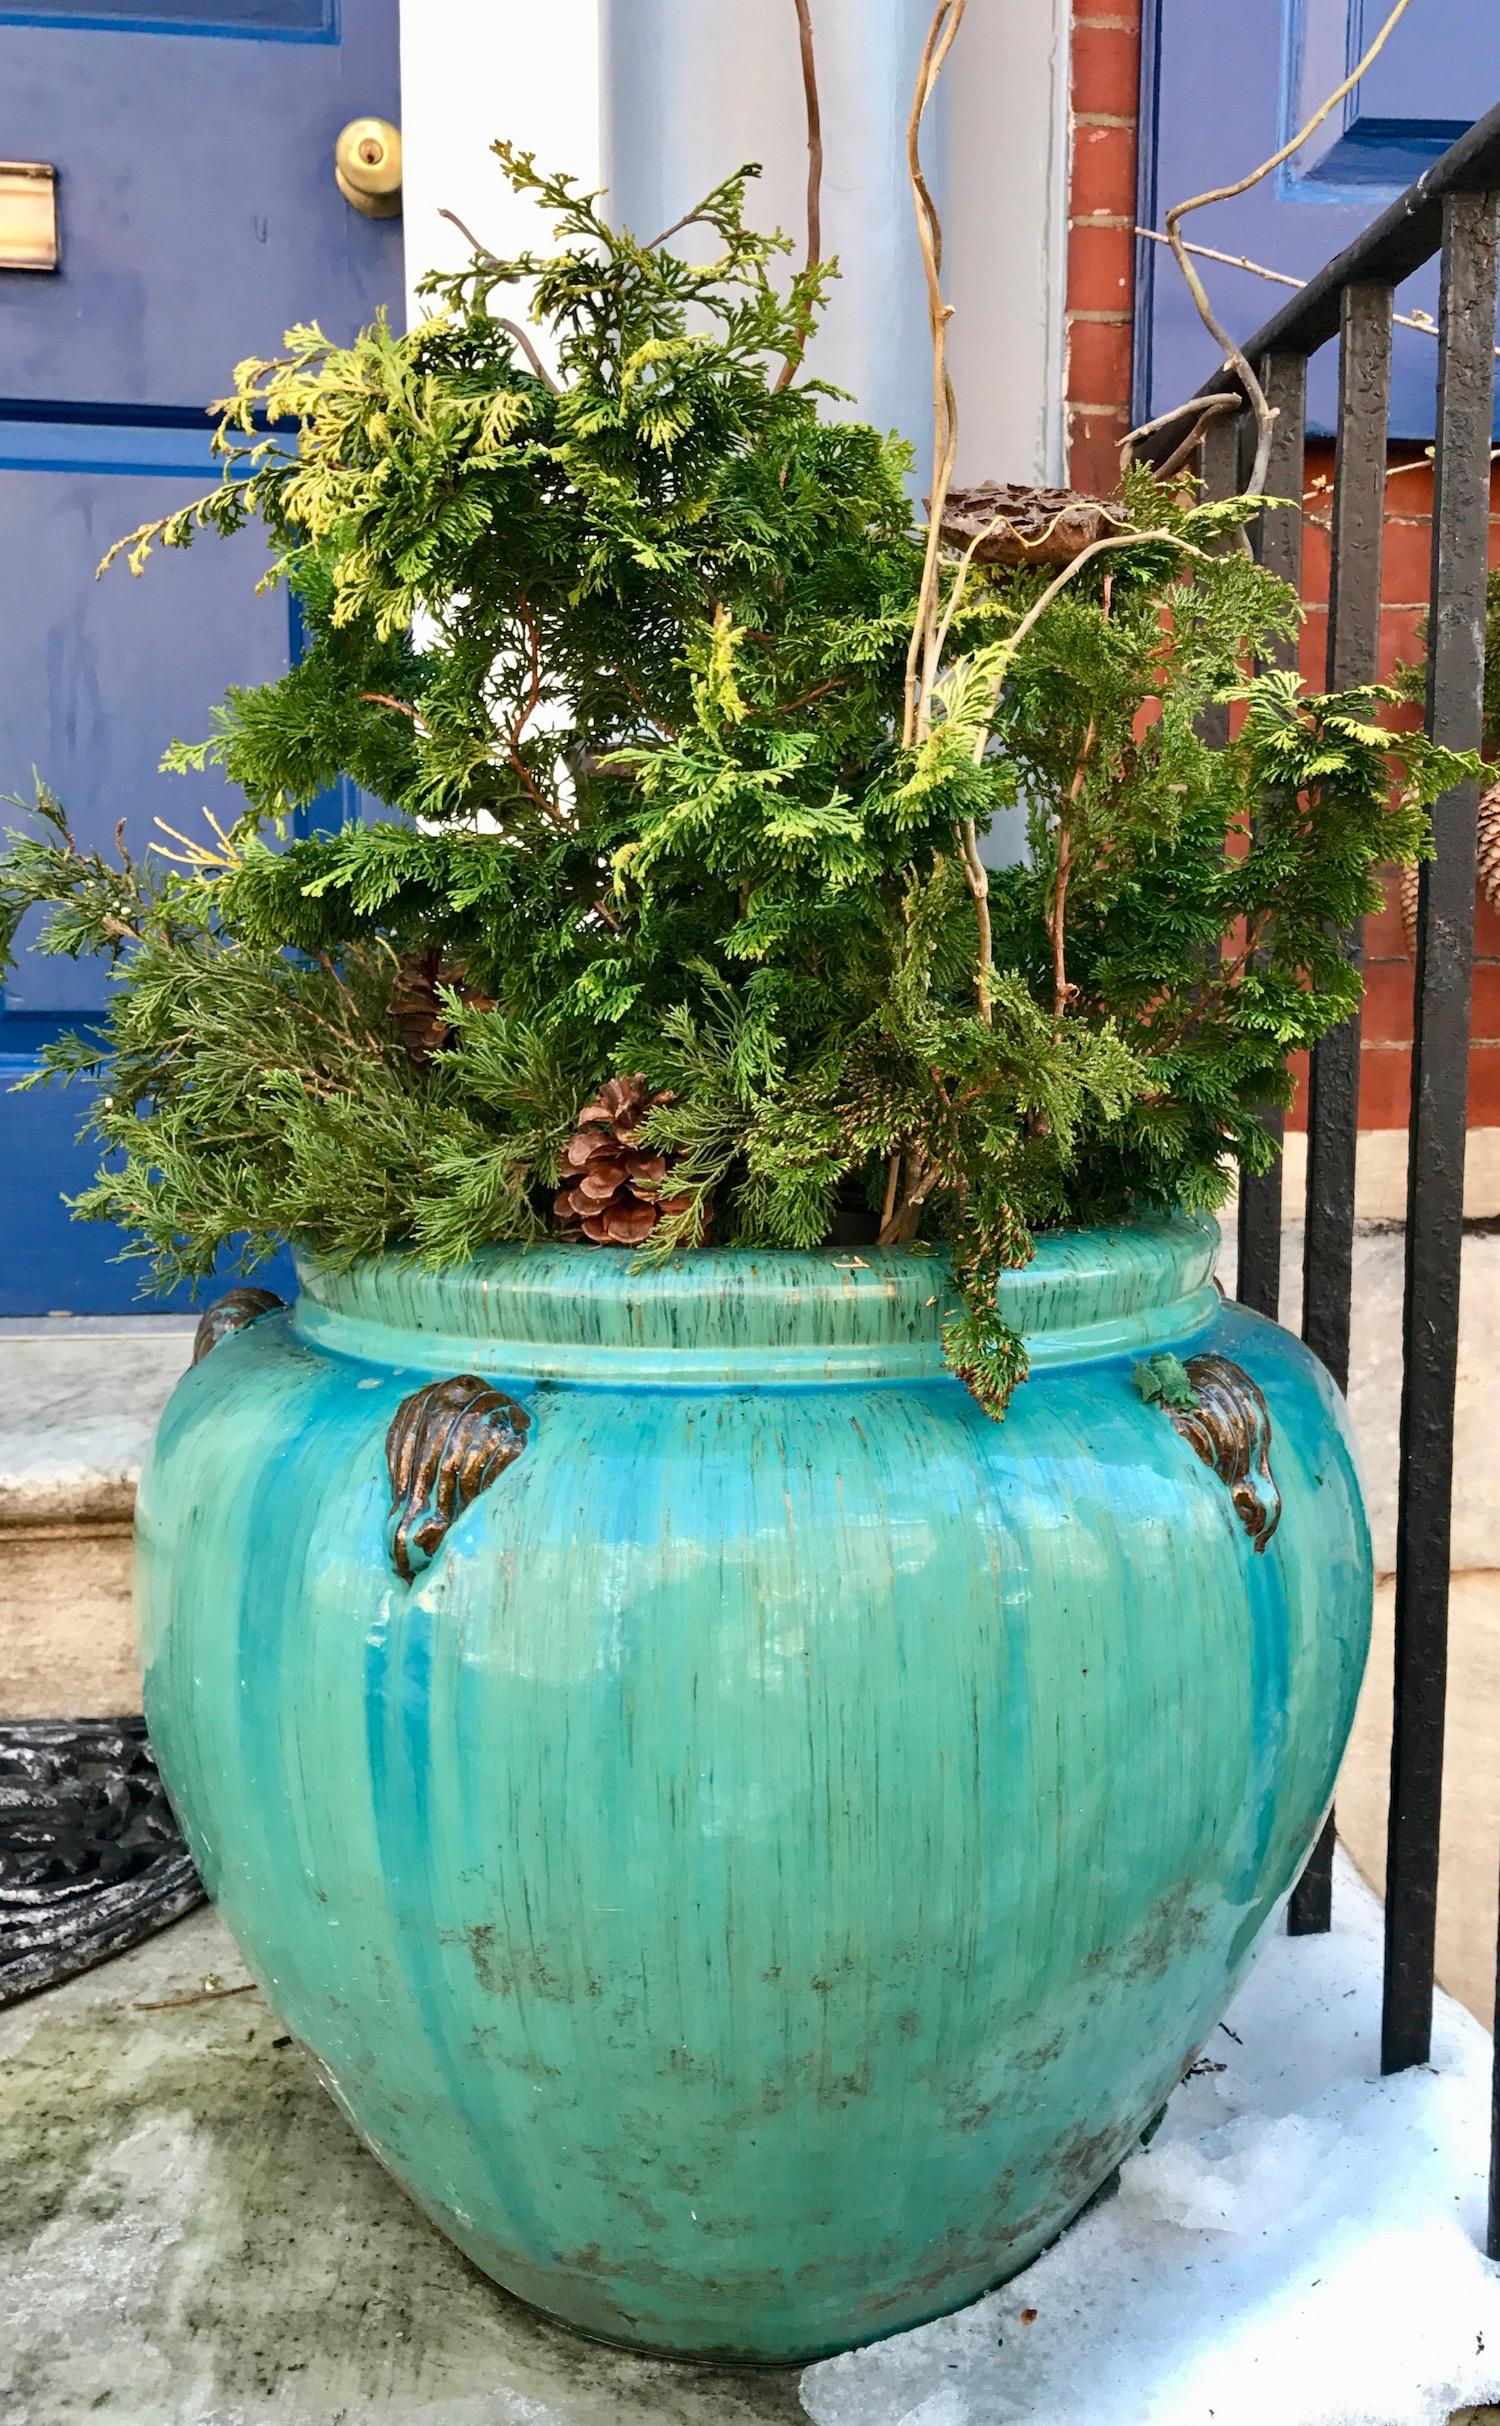 Evergreen Ceramic Container with Chamacyparis